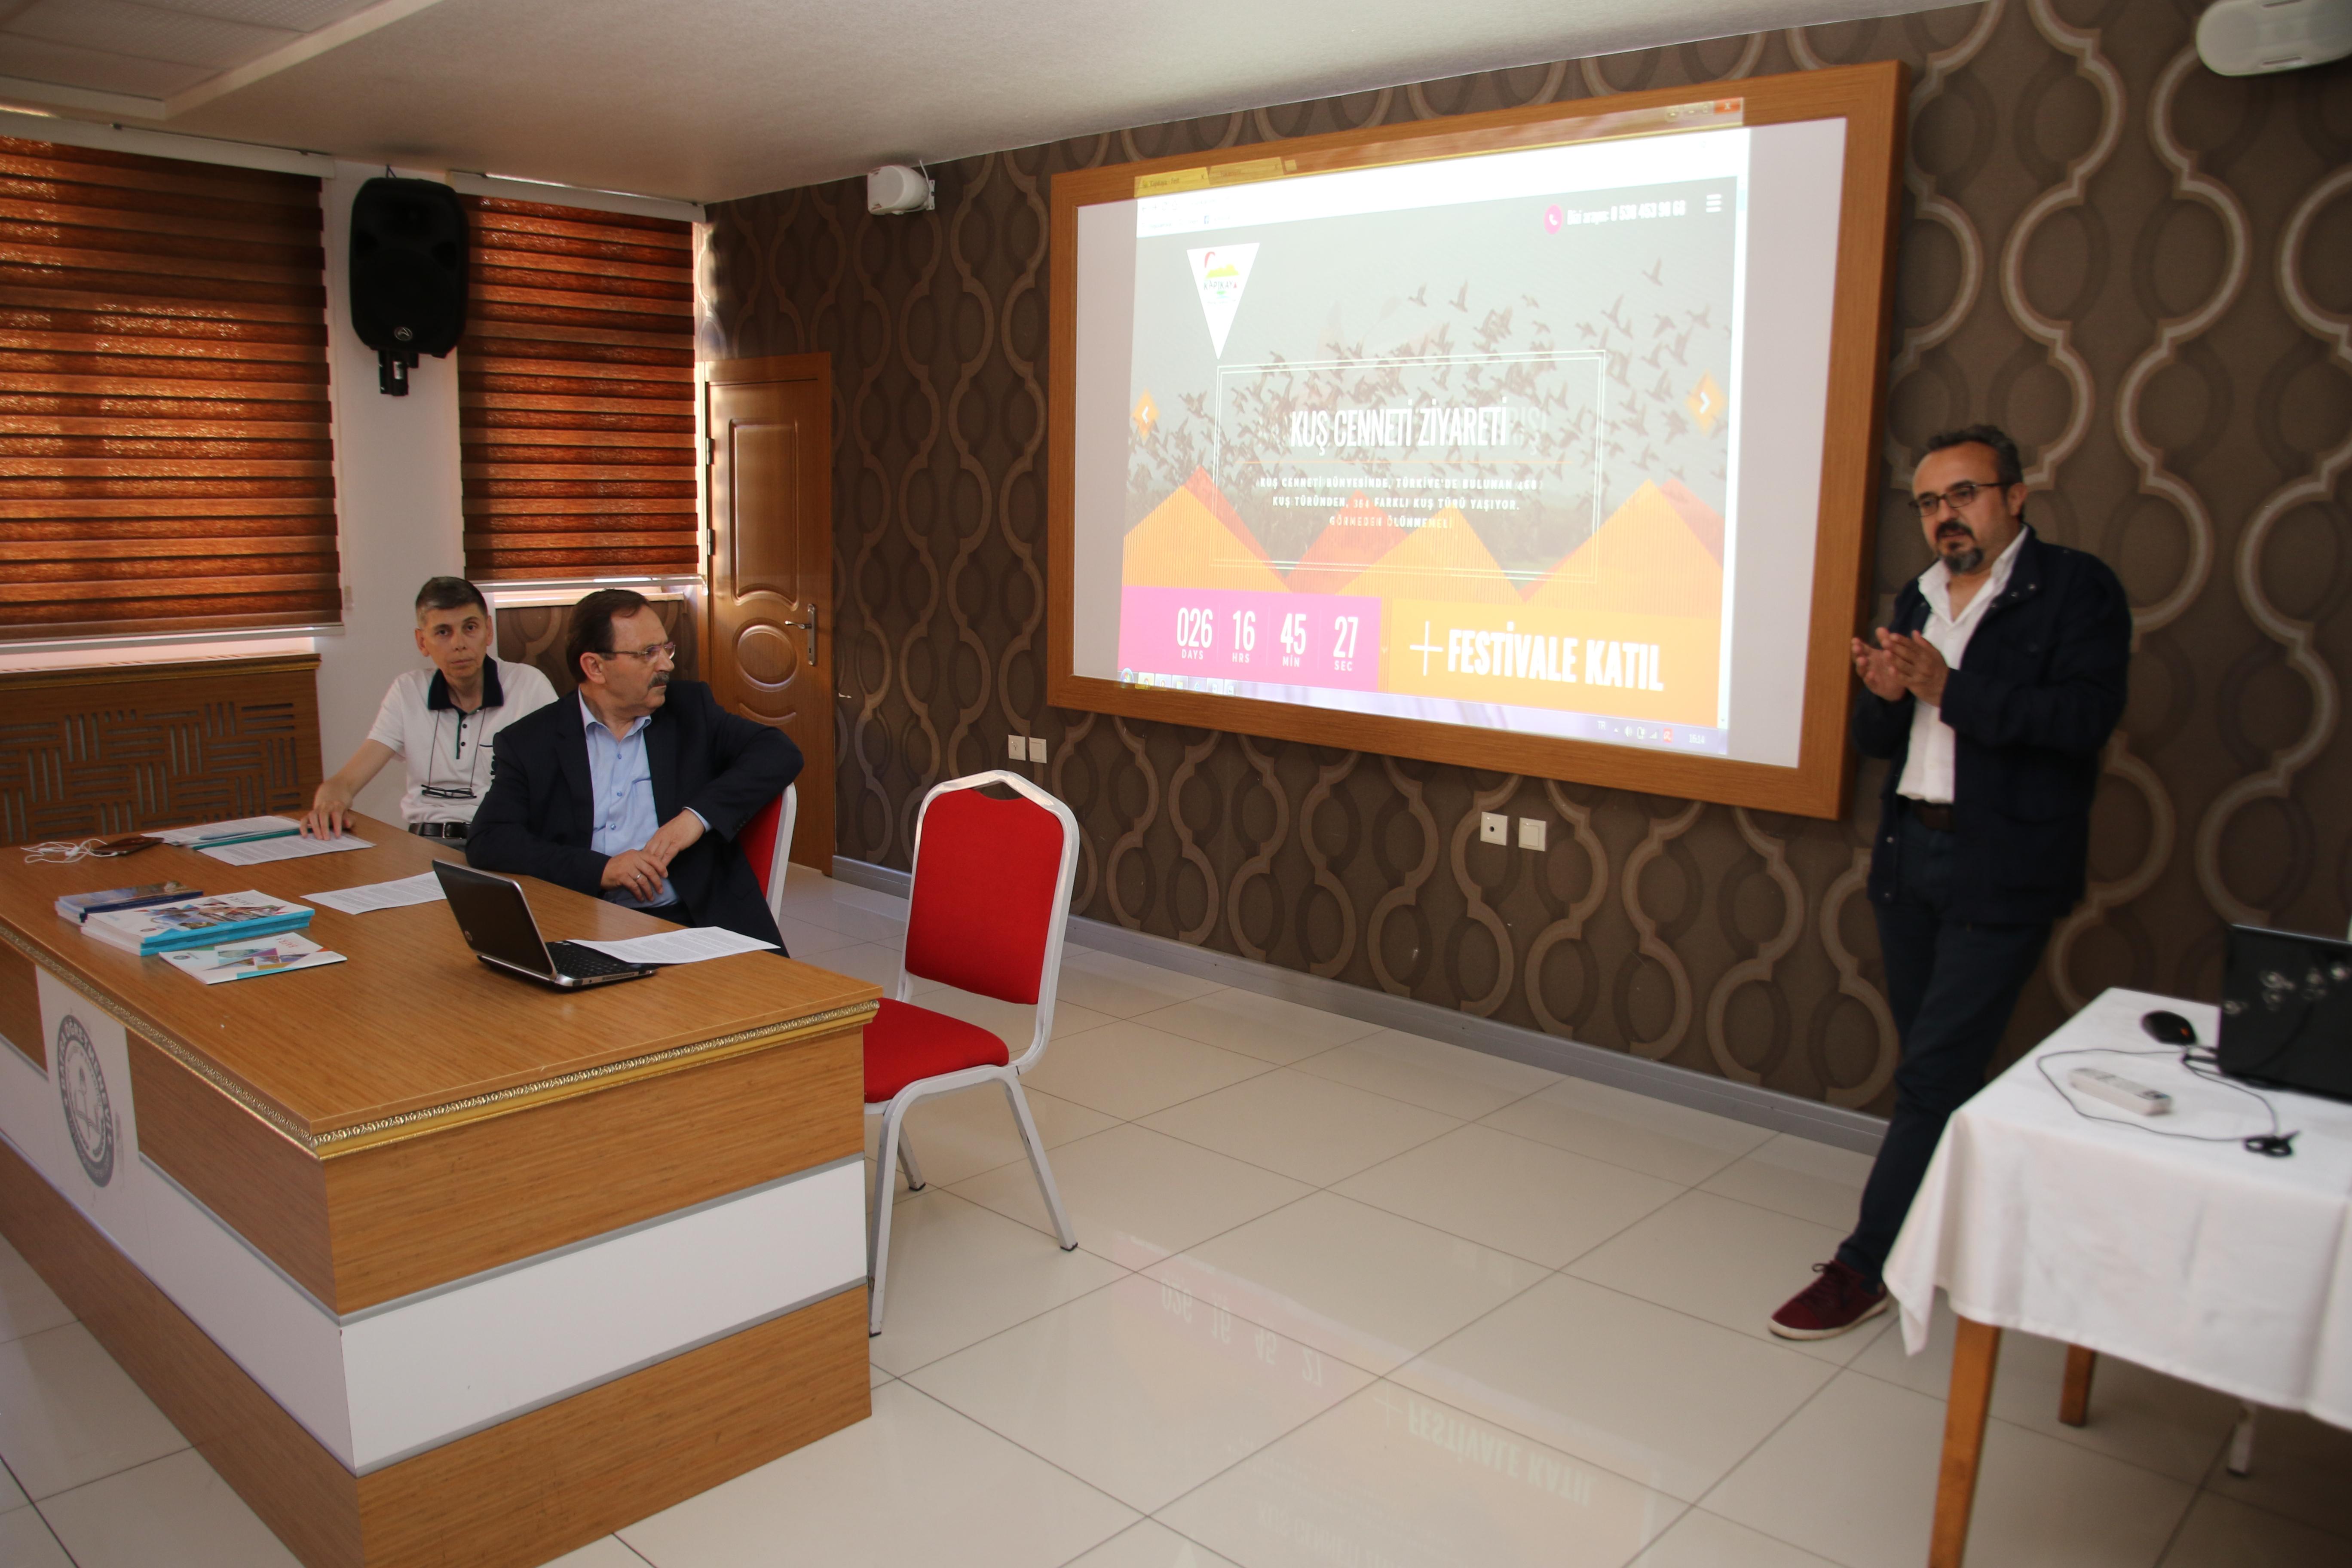 Festival Sözcüsü Yazar Yönetmen Fedai Çakır basın mensuplarına Festival hakkında bilgi verdi.